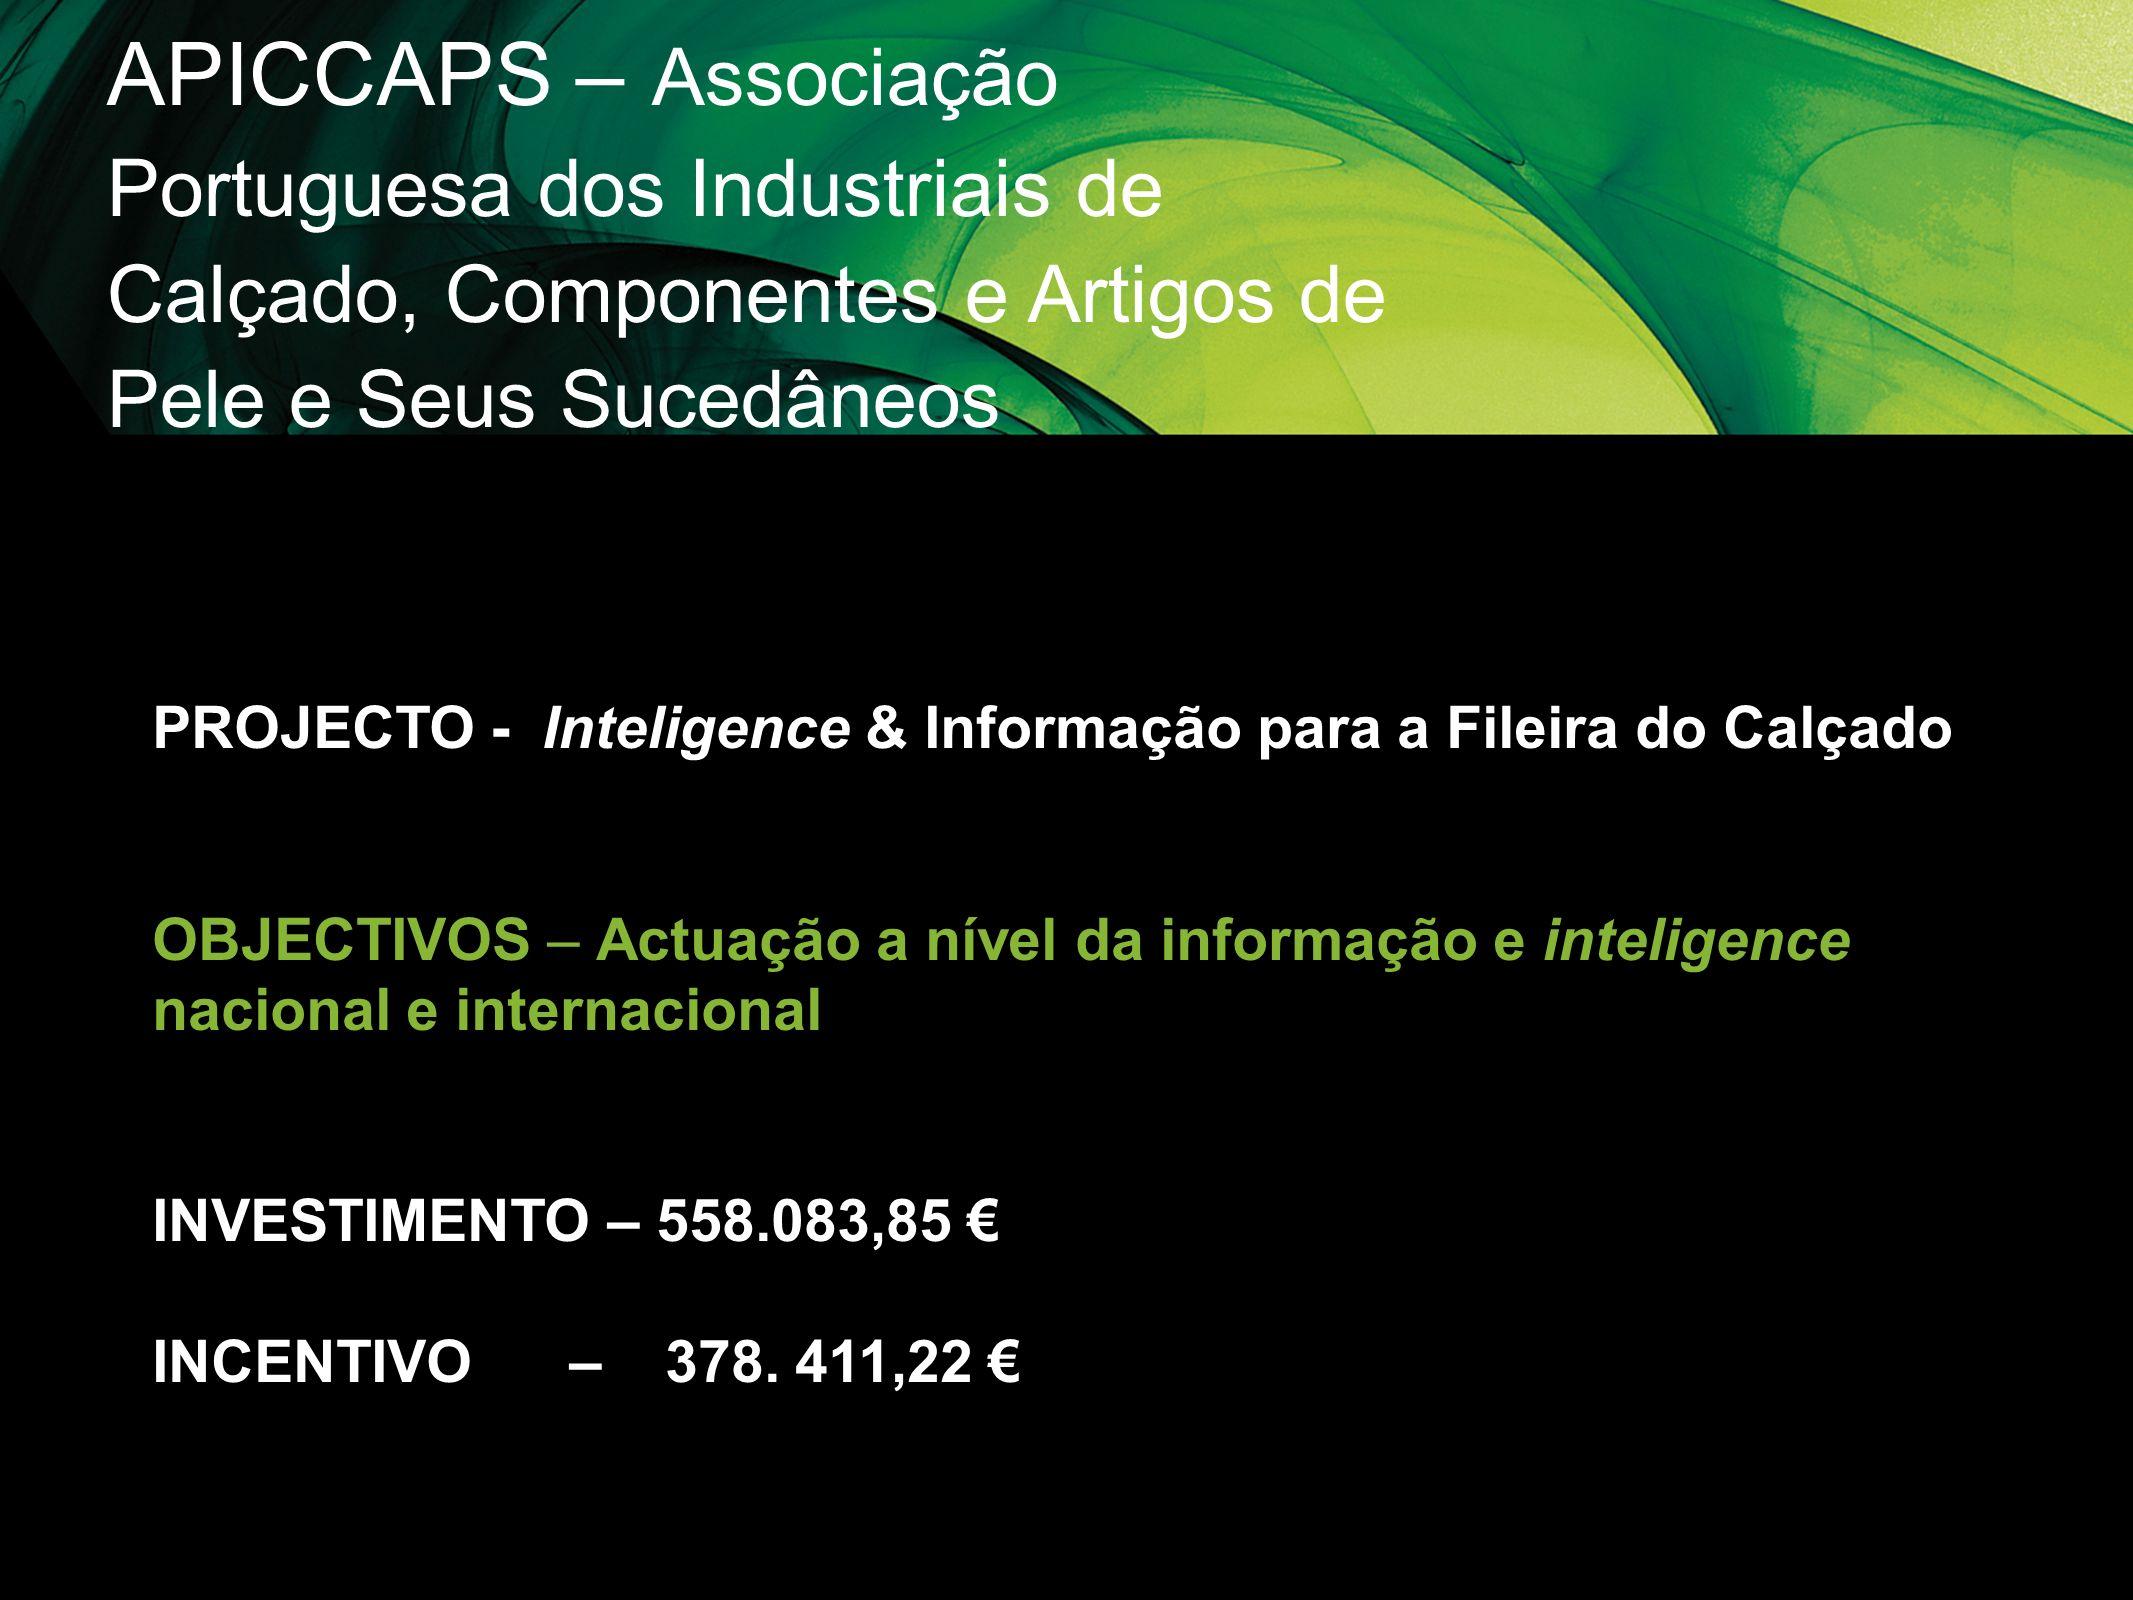 APICCAPS – Associação Portuguesa dos Industriais de Calçado, Componentes e Artigos de Pele e Seus Sucedâneos